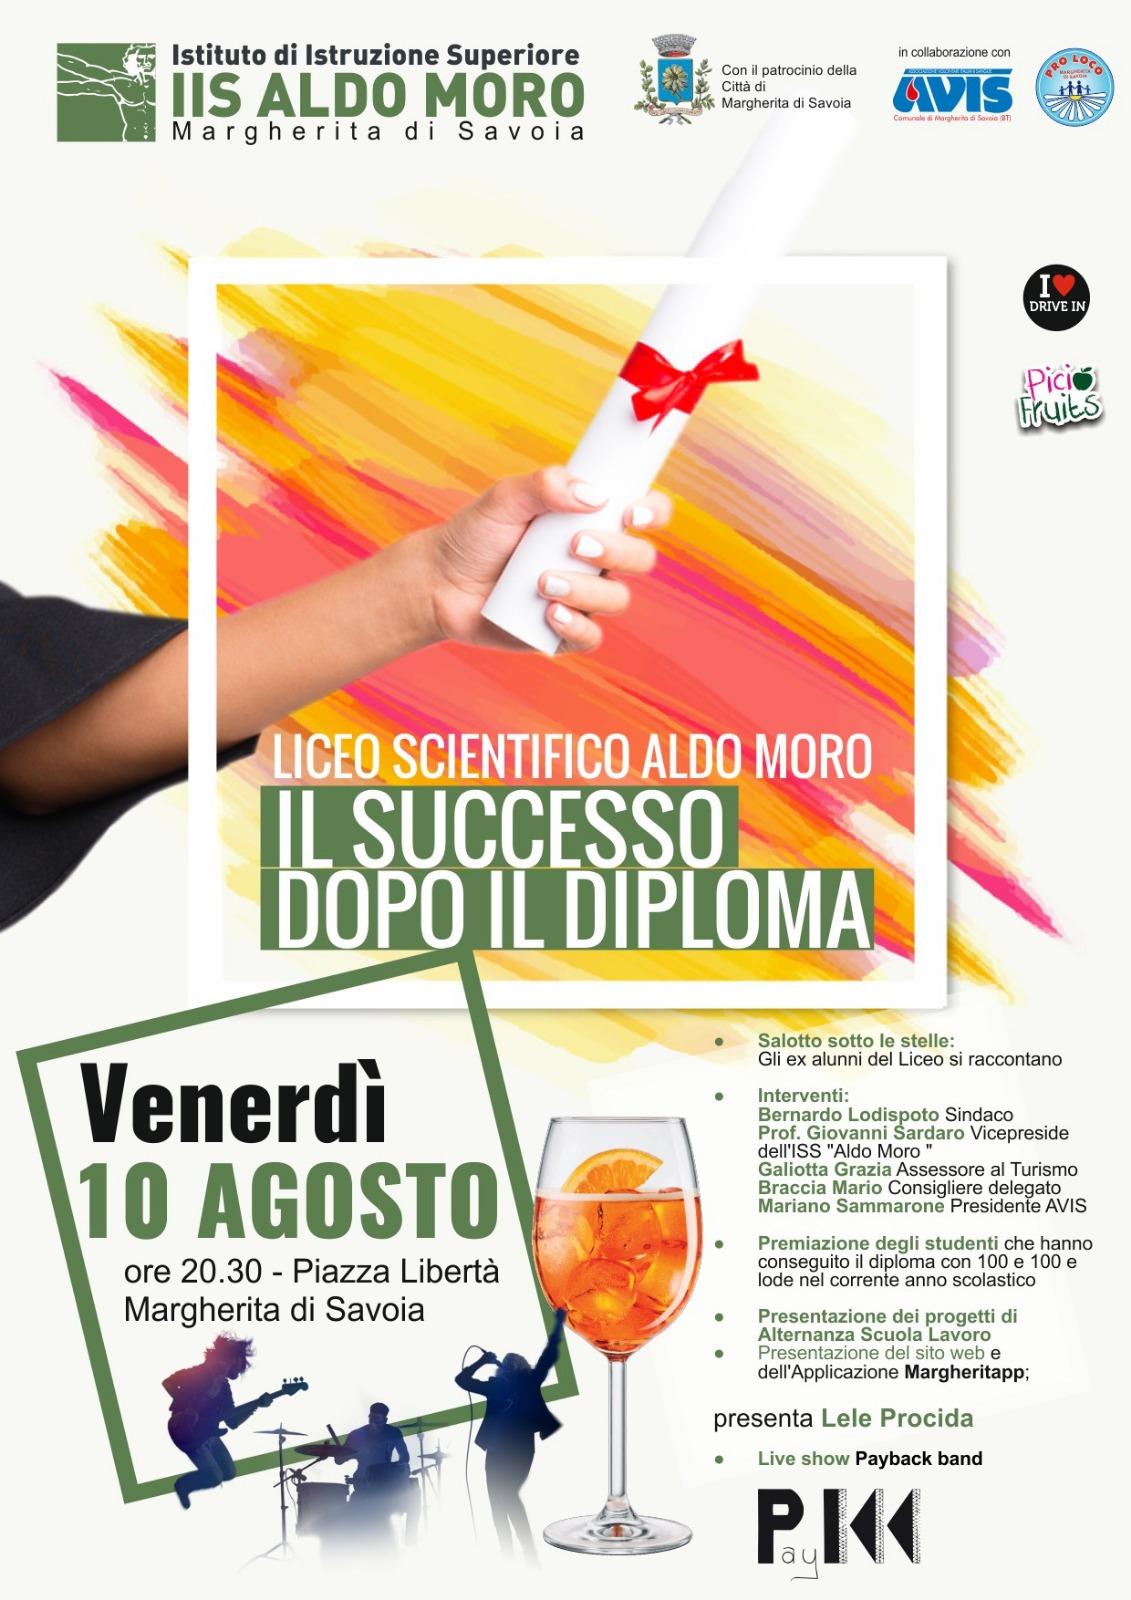 Il successo dopo il diploma